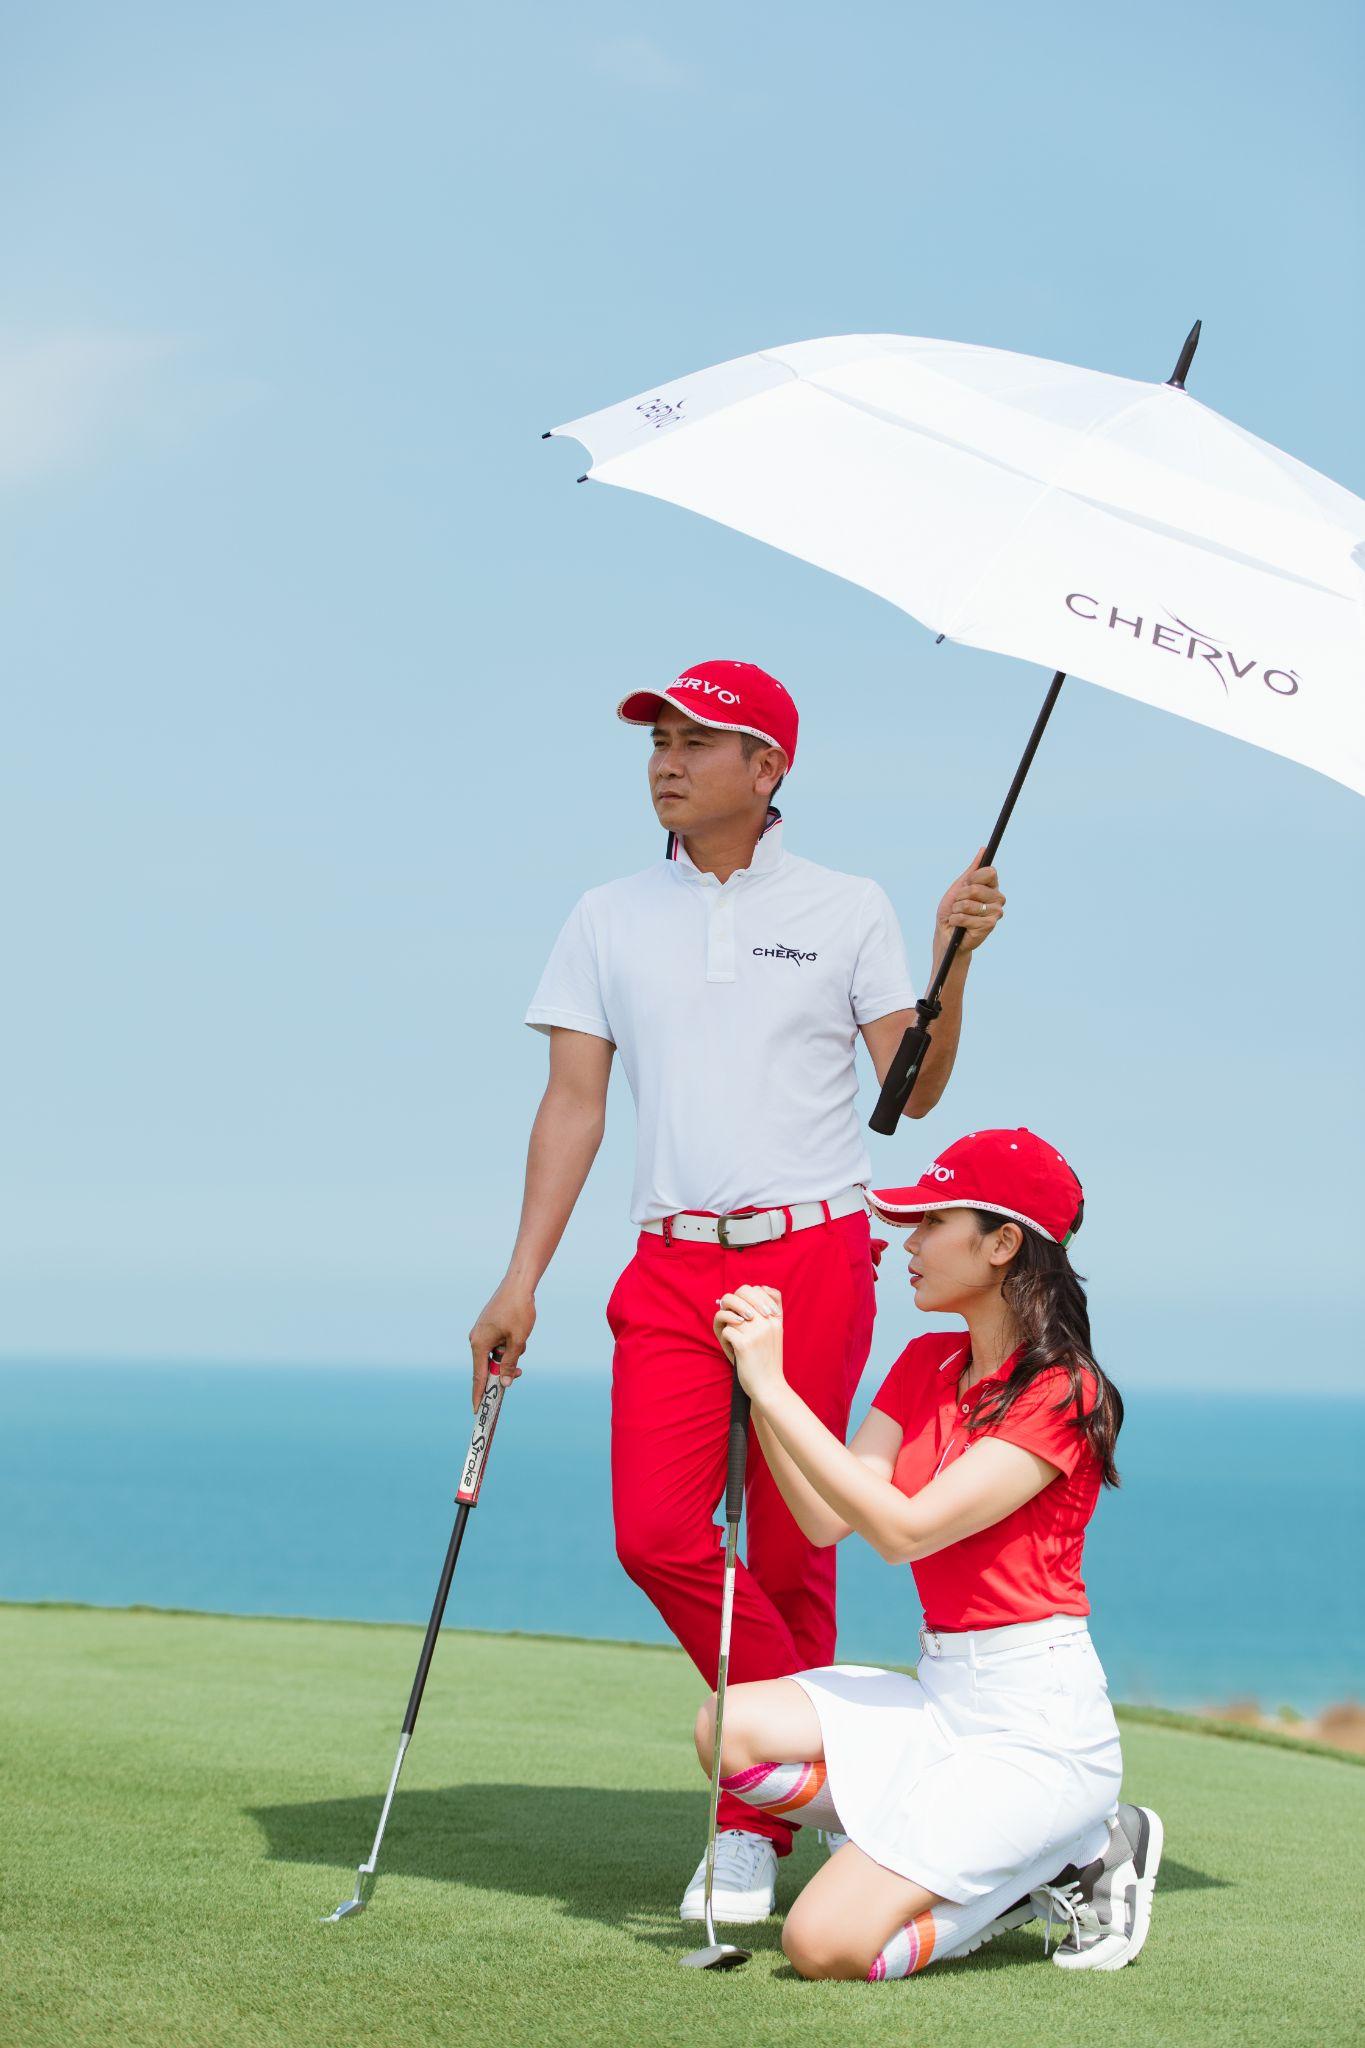 Vợ chồng sao cho biết giành nhiều thời gian chơi thể thao rèn luyện sức khỏe và hâm nóng tình cảm, trong đó đặc biệt thích golf. Họ là tín đồ của thương hiệu thời trang từ Italy - Chervo, thường mặc đồng điệu mỗi khi ra sân.